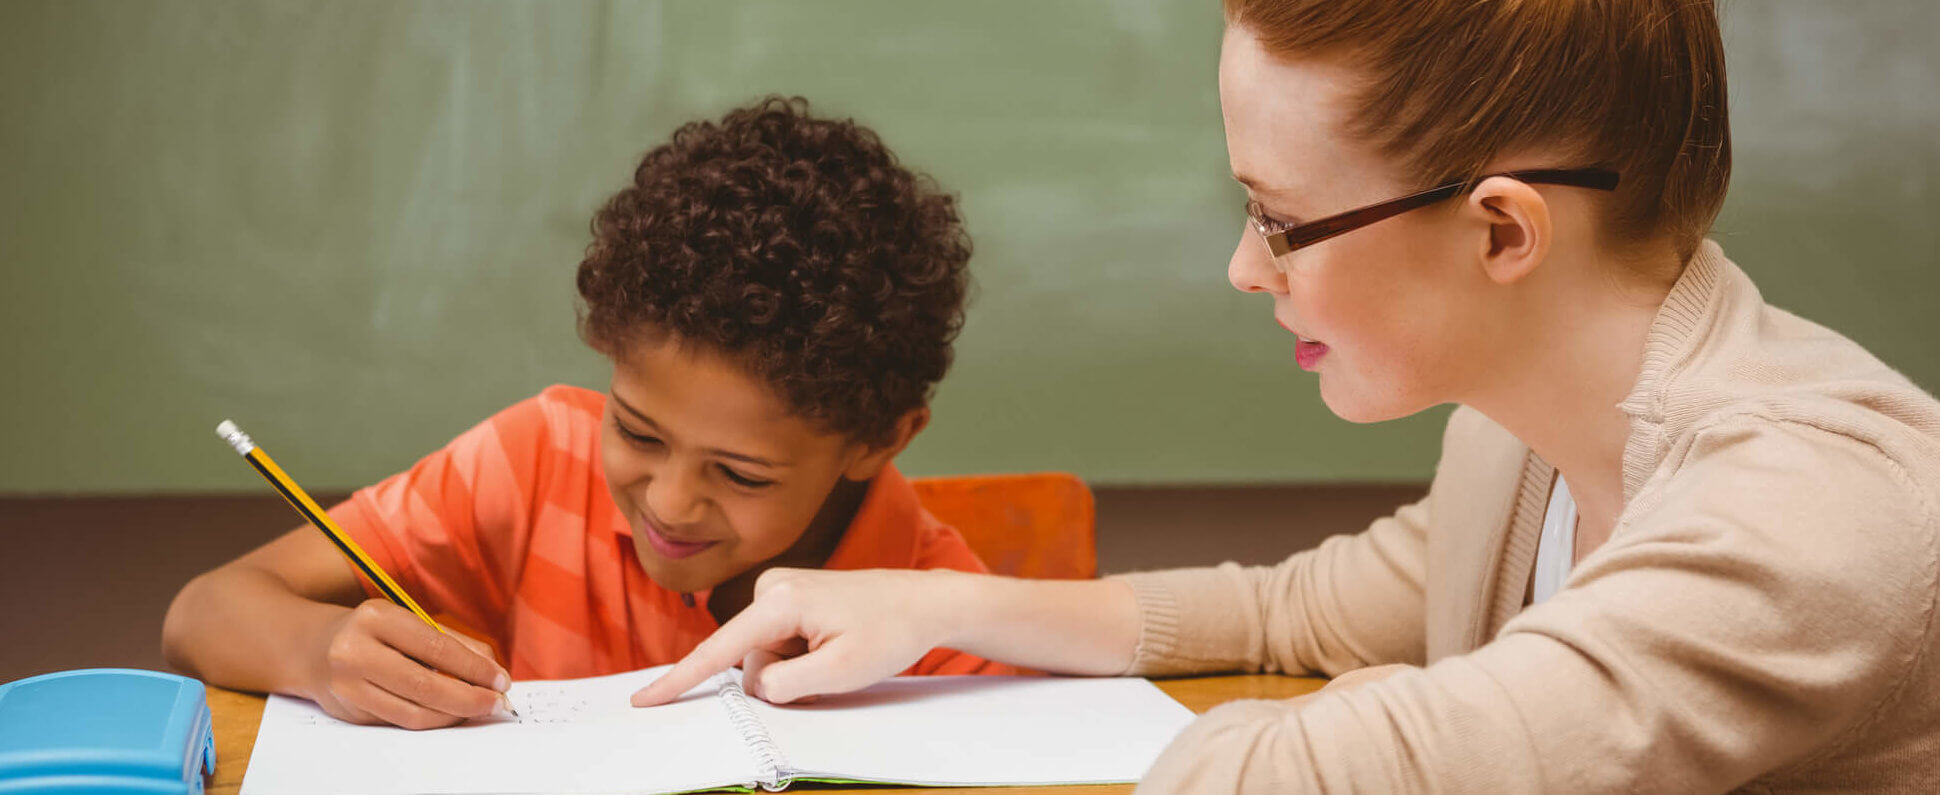 Porque profissionais que lidam com crianças precisam saber mais sobre visão